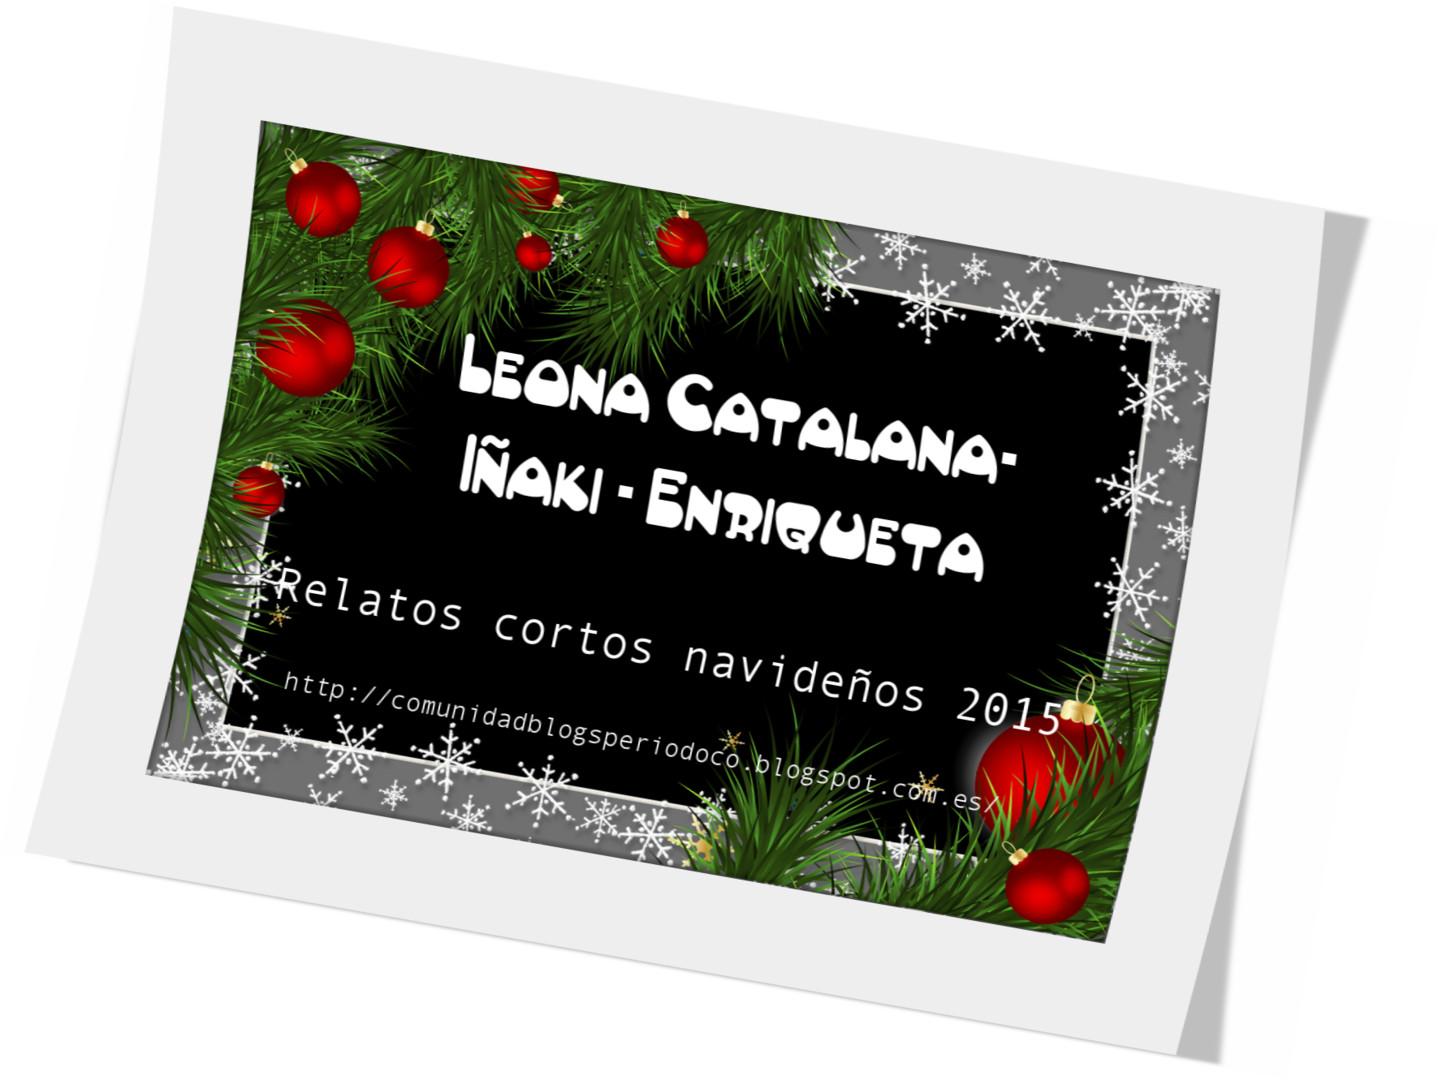 Galardón participantes Navidad 2015